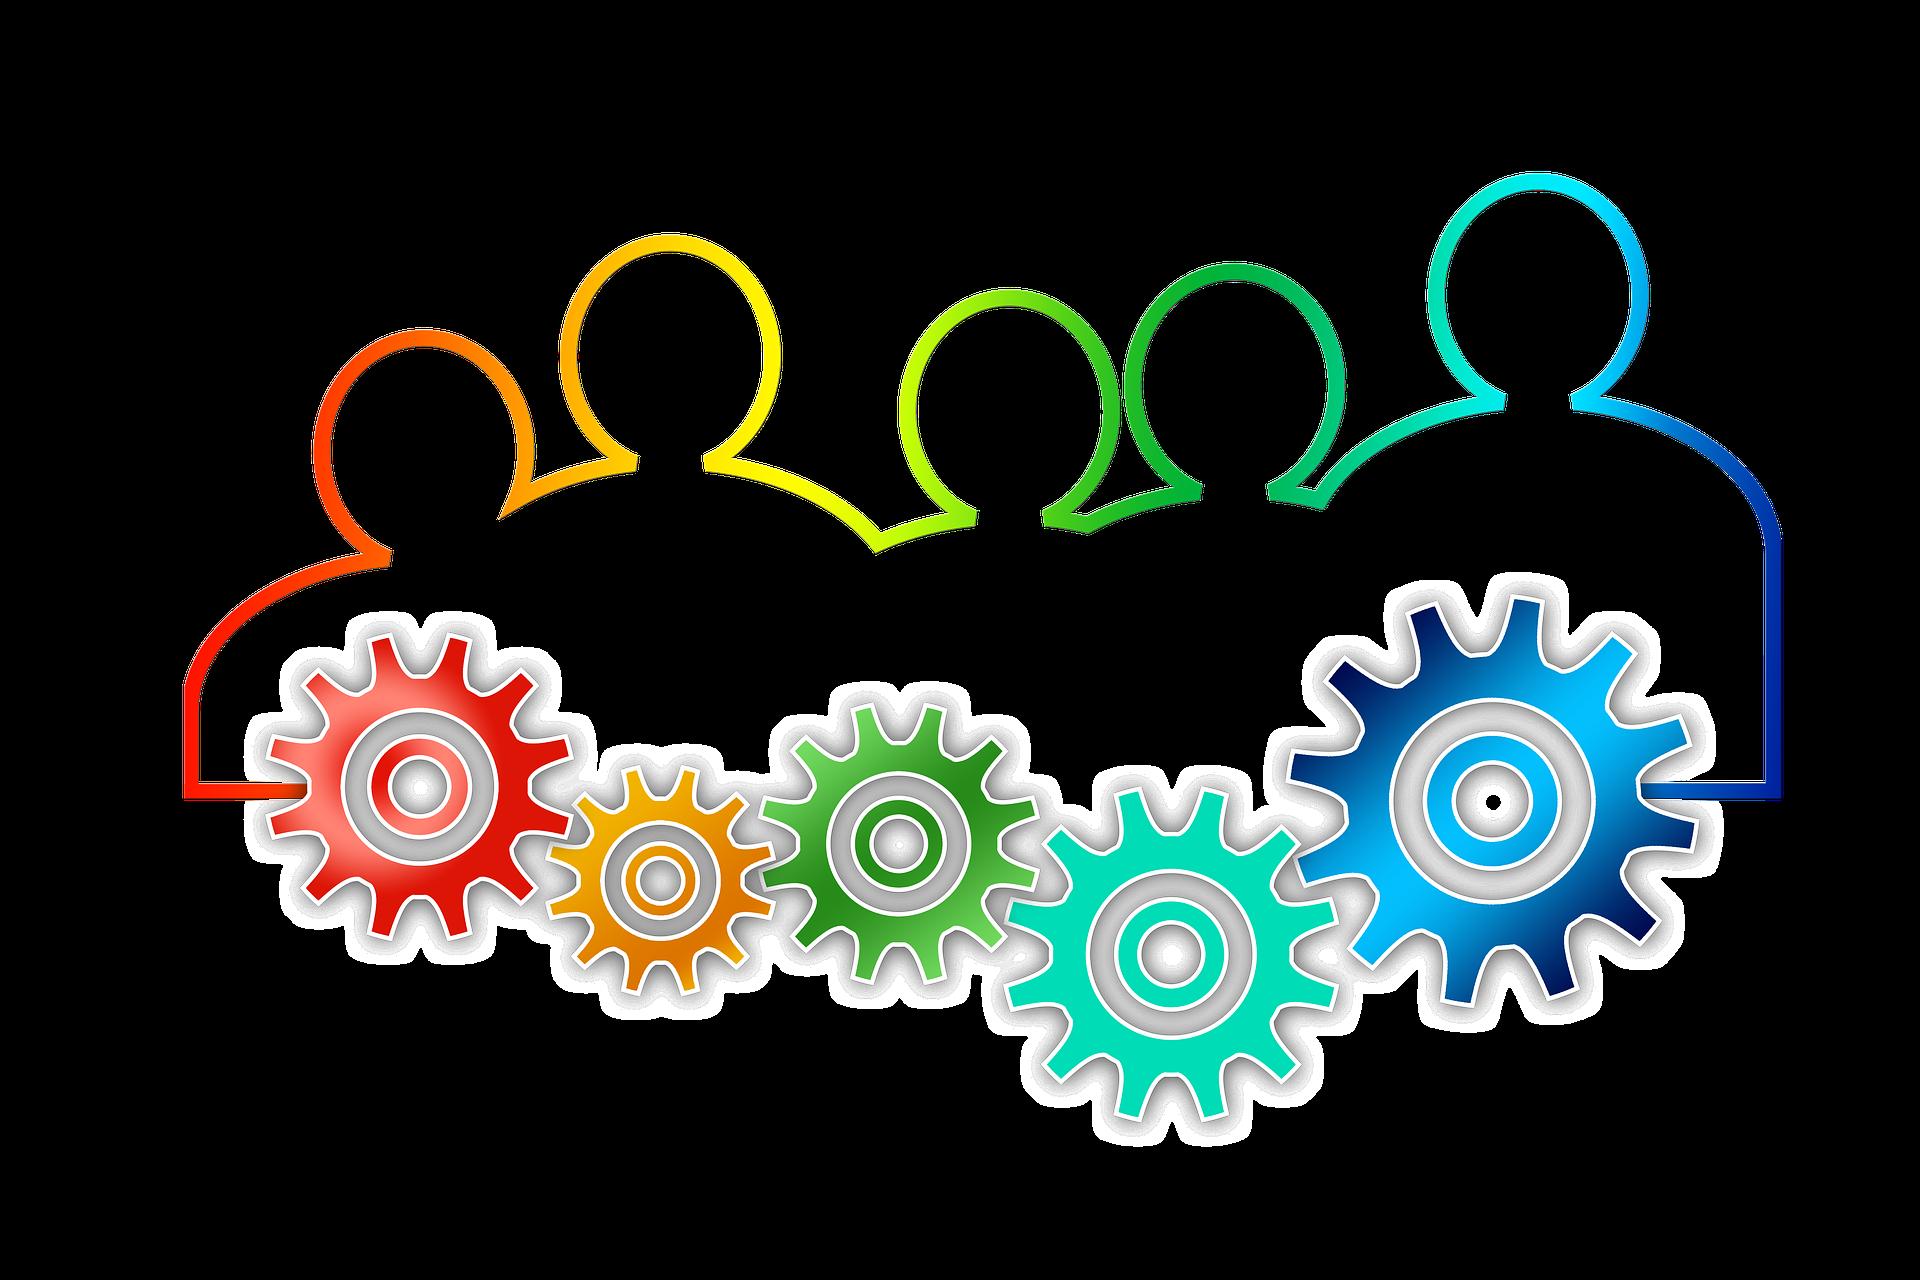 Course Image Społeczna odpowiedzialność biznesu (CSR) /Raczek/PZ21